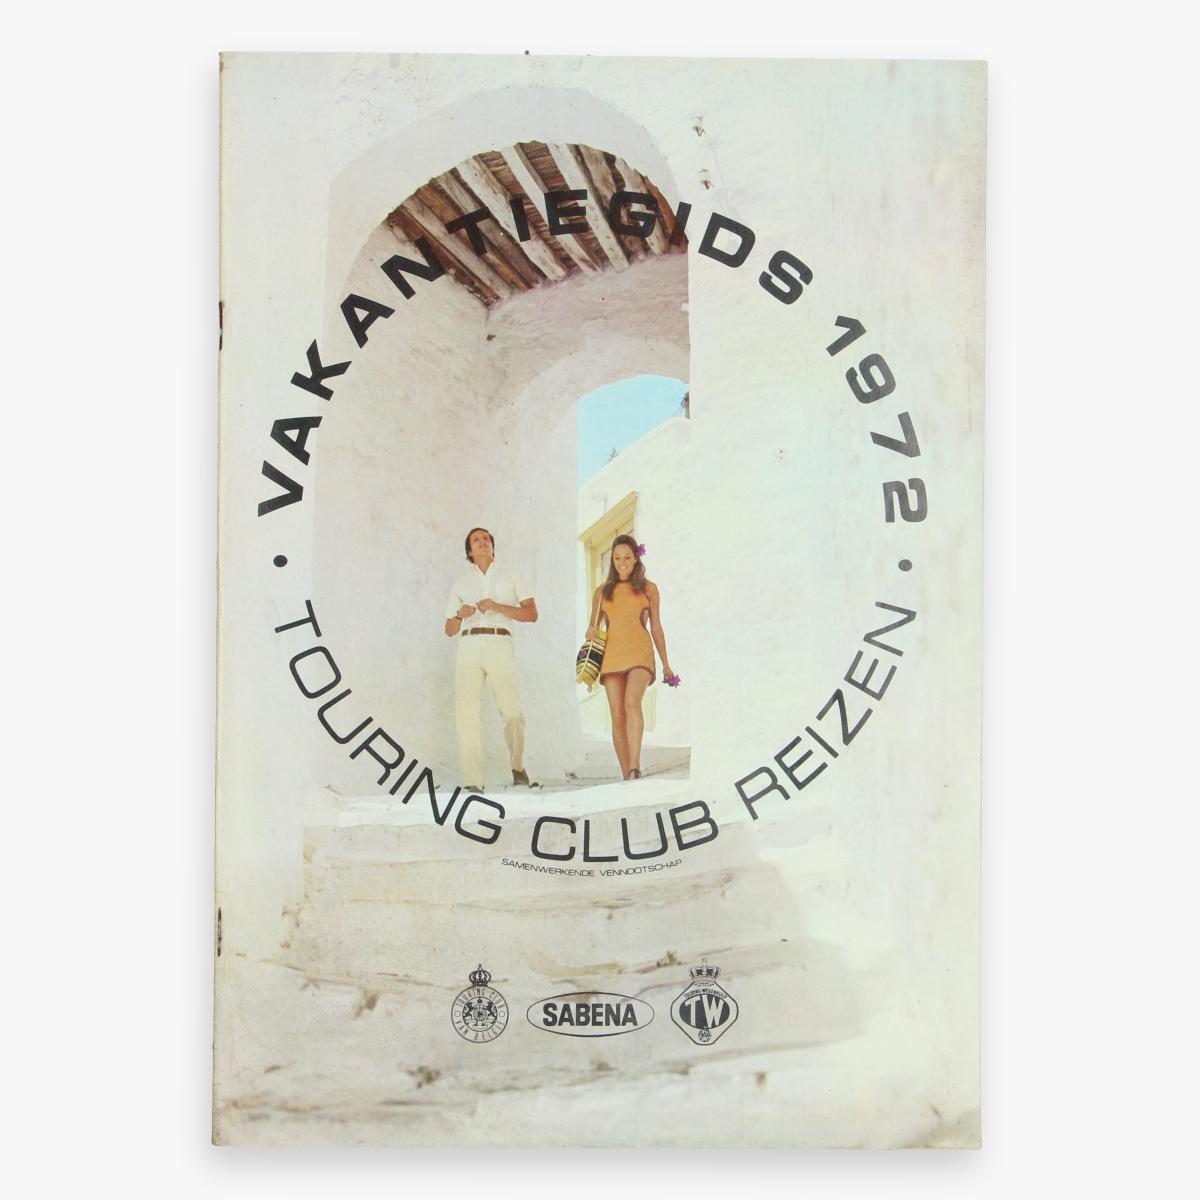 Afbeeldingen van vankantiegids 1972 touring club reizen - sabena